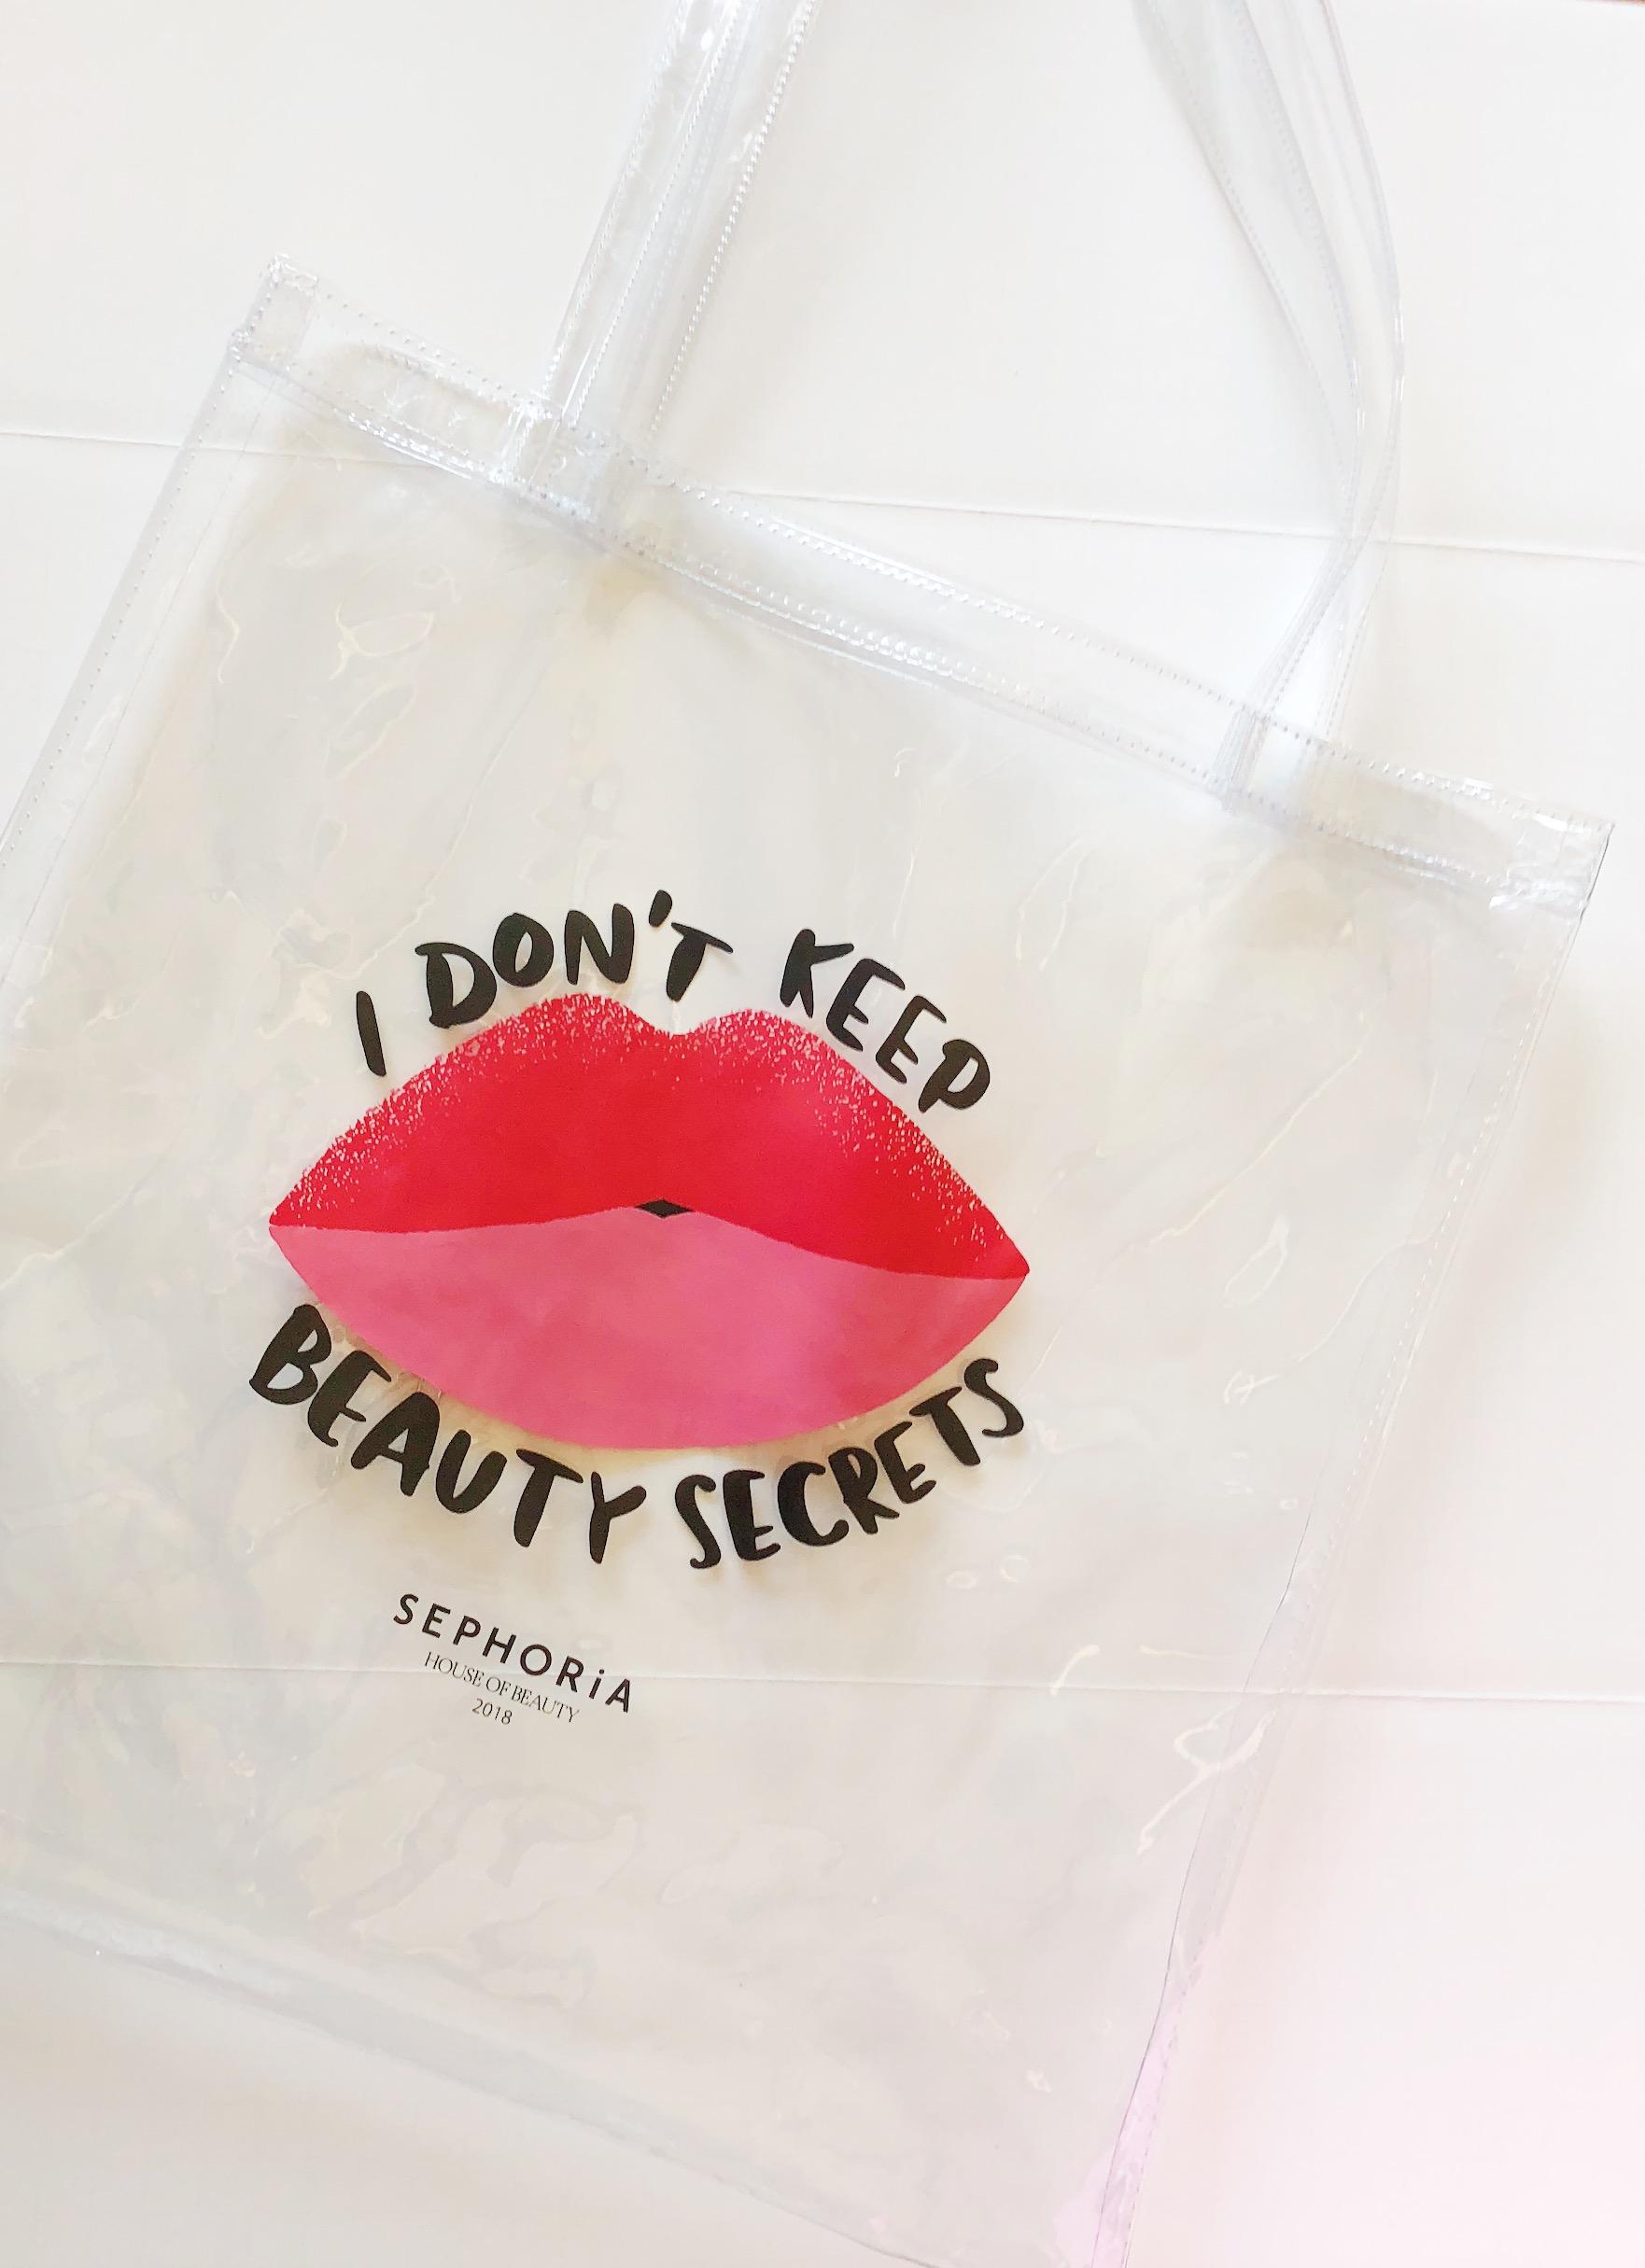 SEPHORiA bag